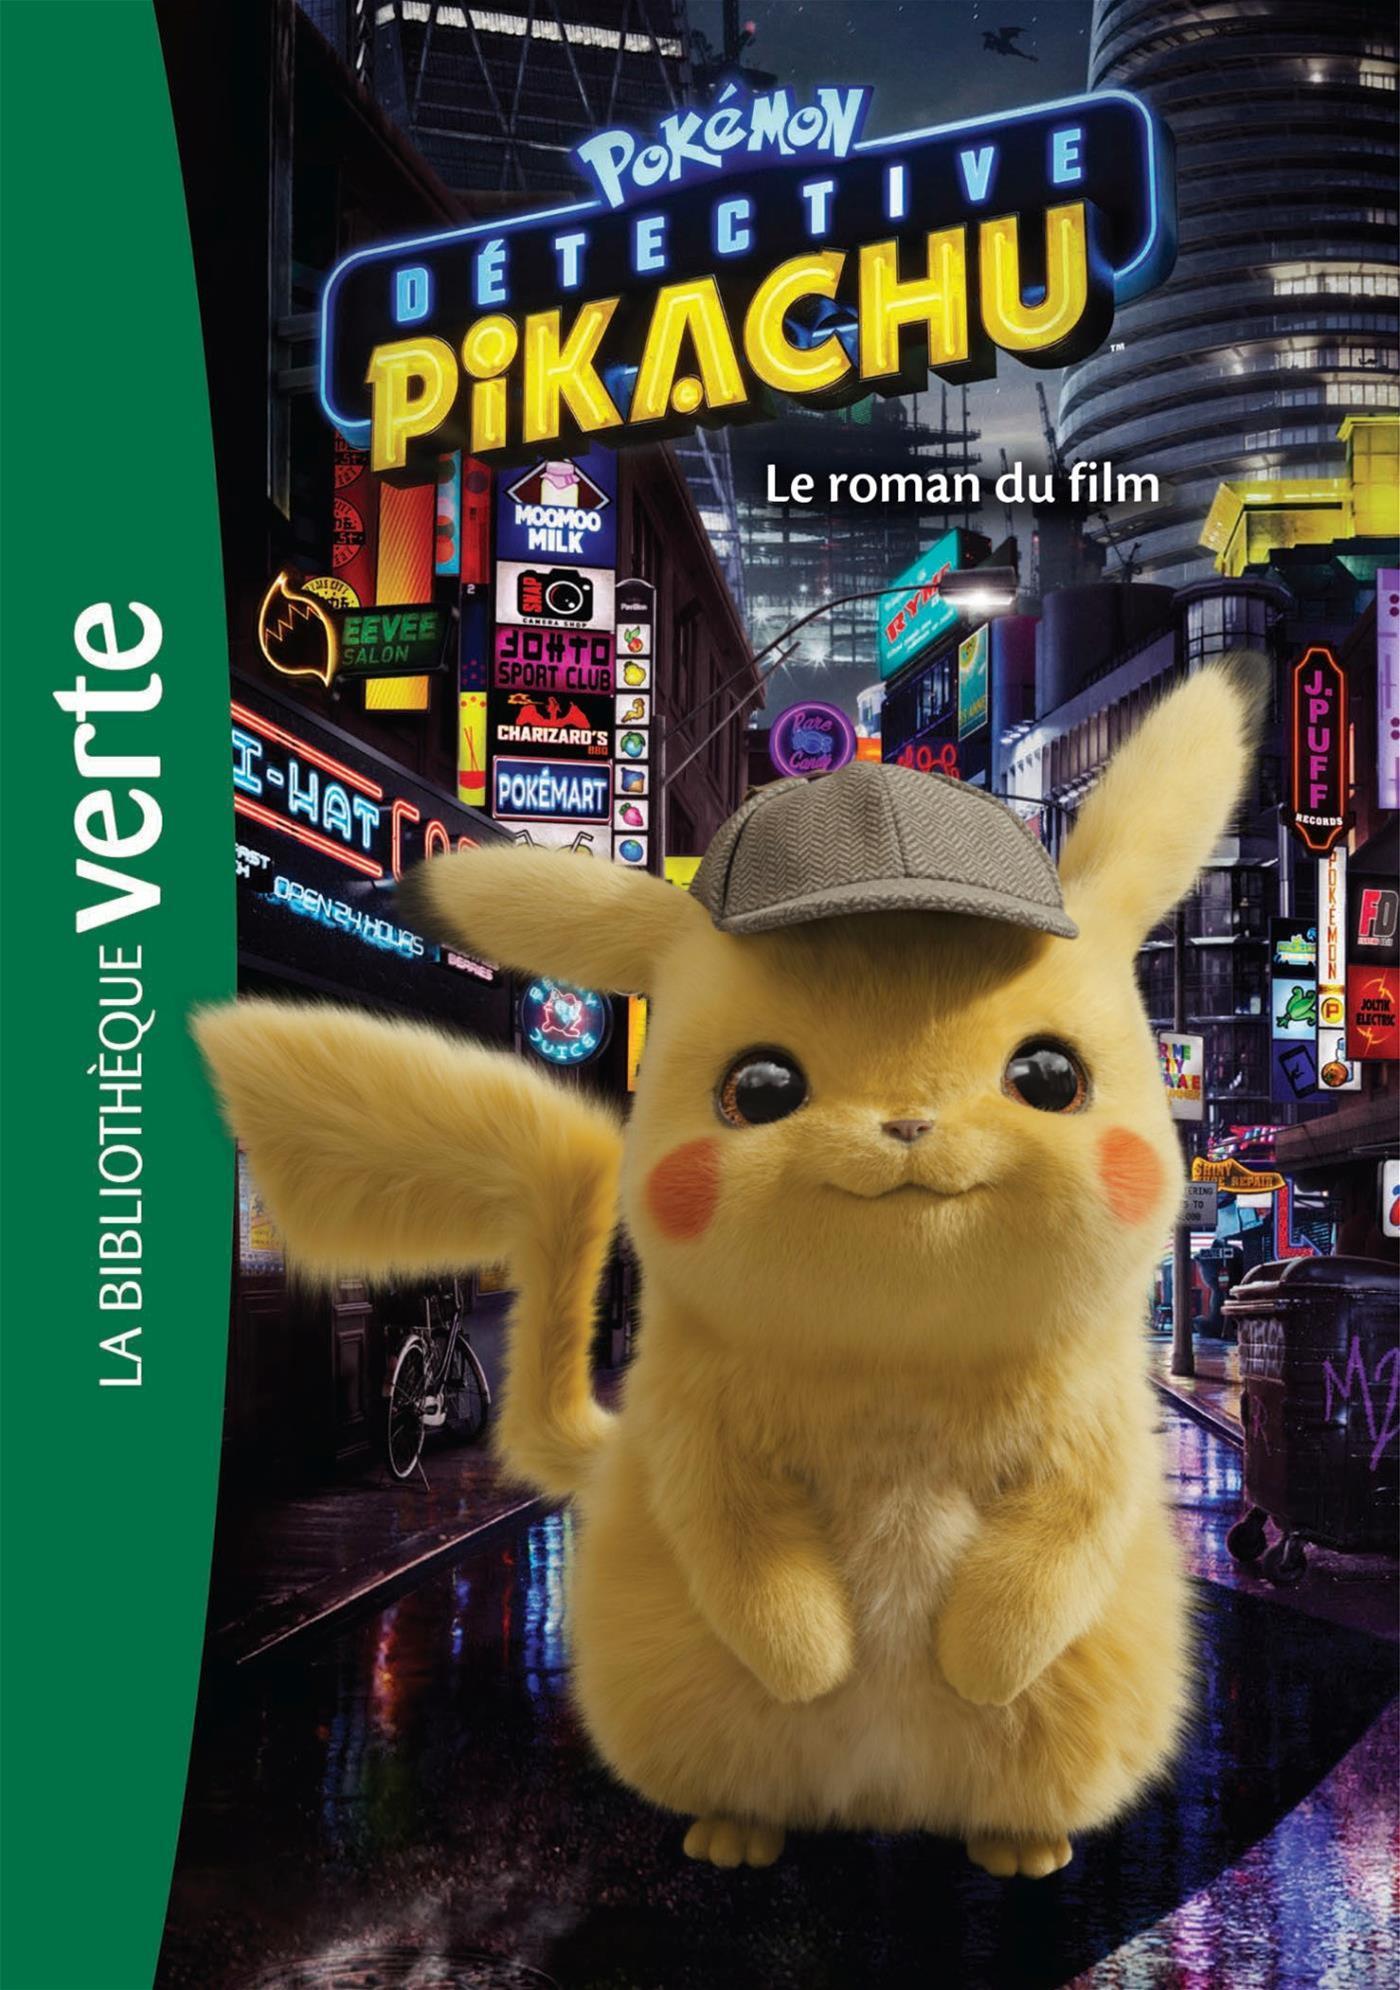 Livre Pokemon Detective Pikachu Le Roman Du Film